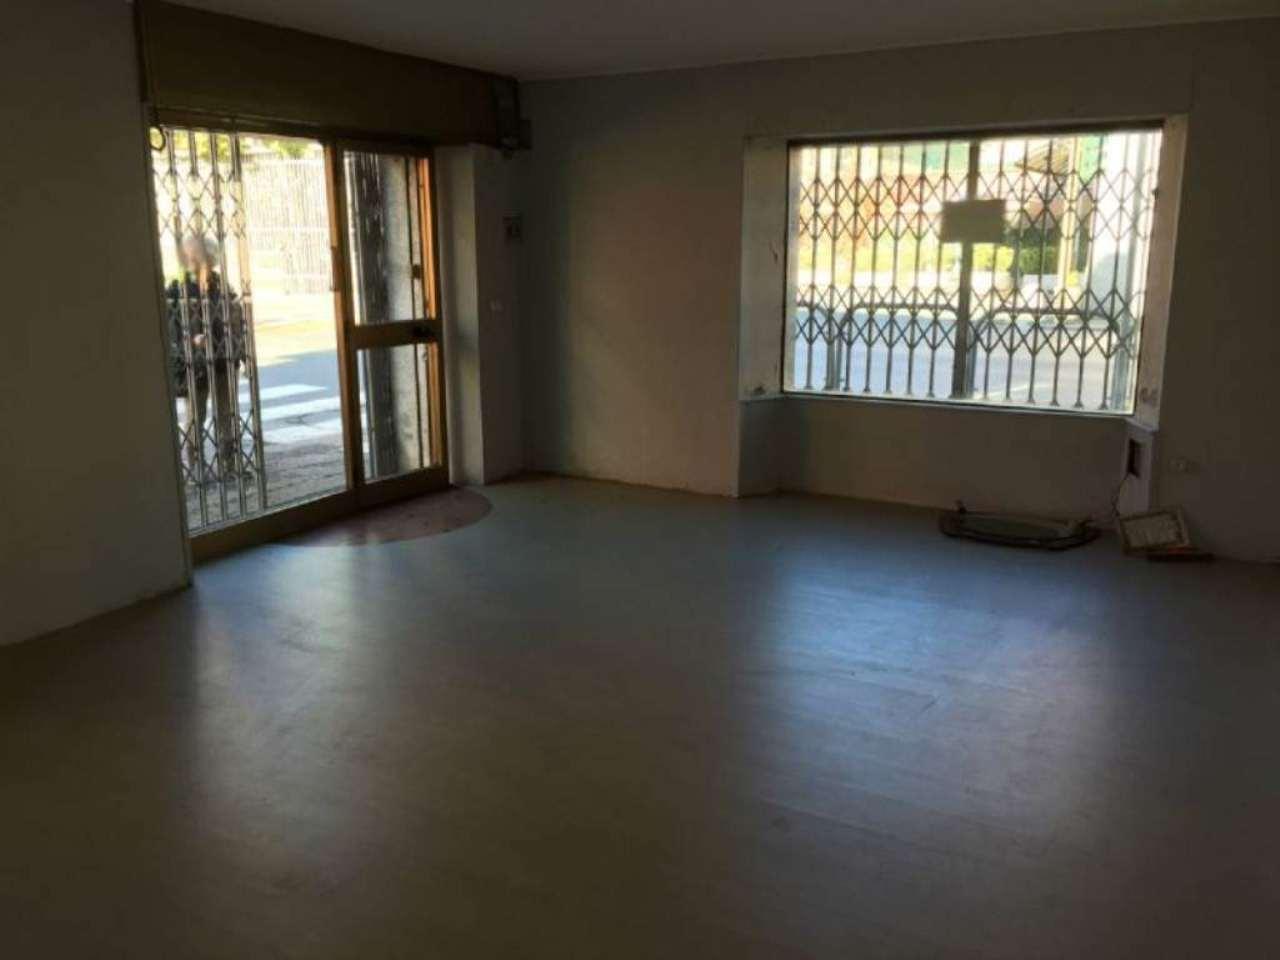 Negozio / Locale in vendita a Buttigliera Alta, 1 locali, prezzo € 32.000 | Cambio Casa.it